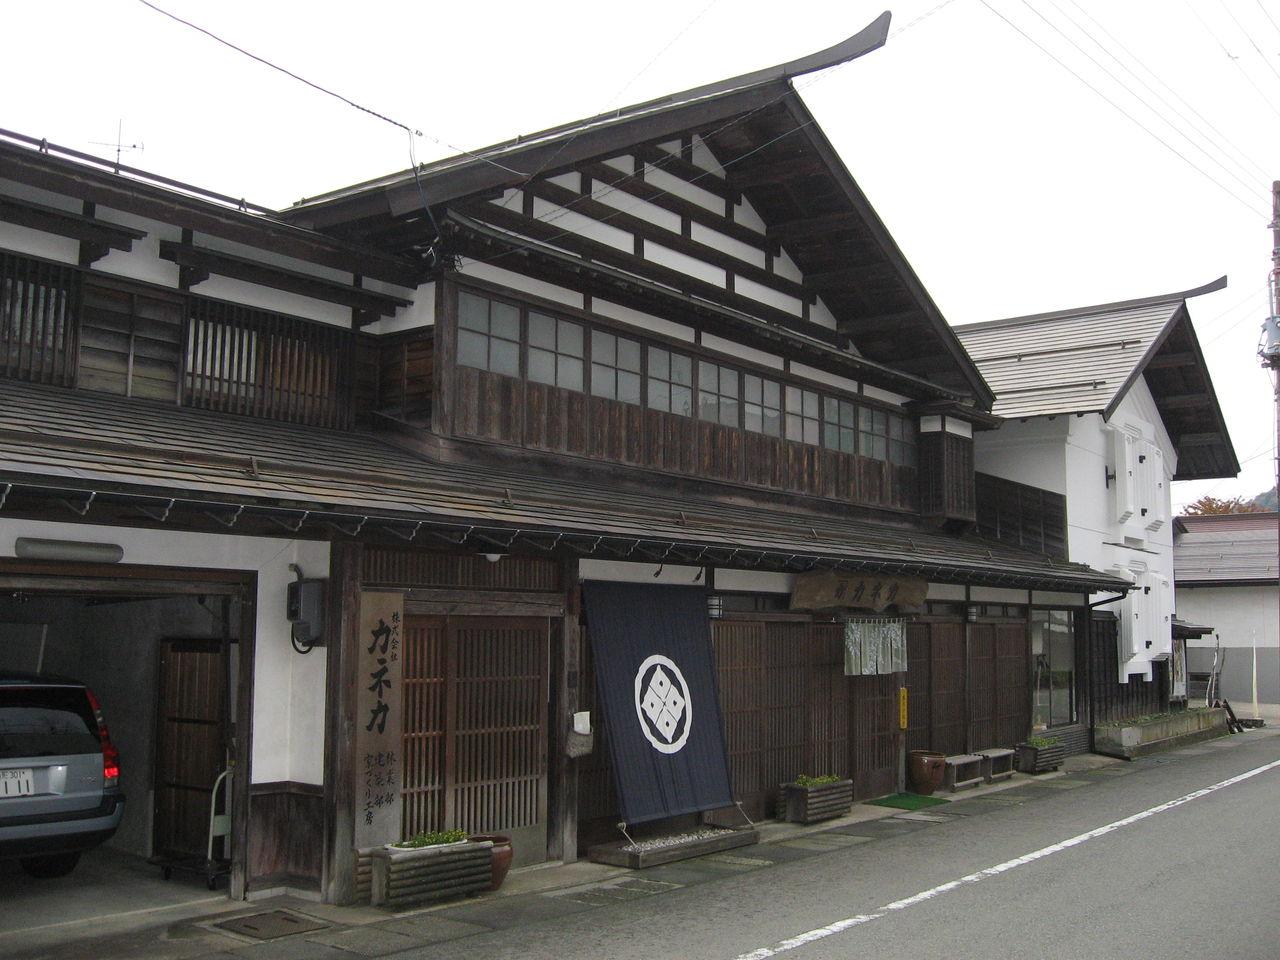 ☆★ひとえ日記★☆:街並み景観 in 金山町 - livedoor Blog(ブログ)